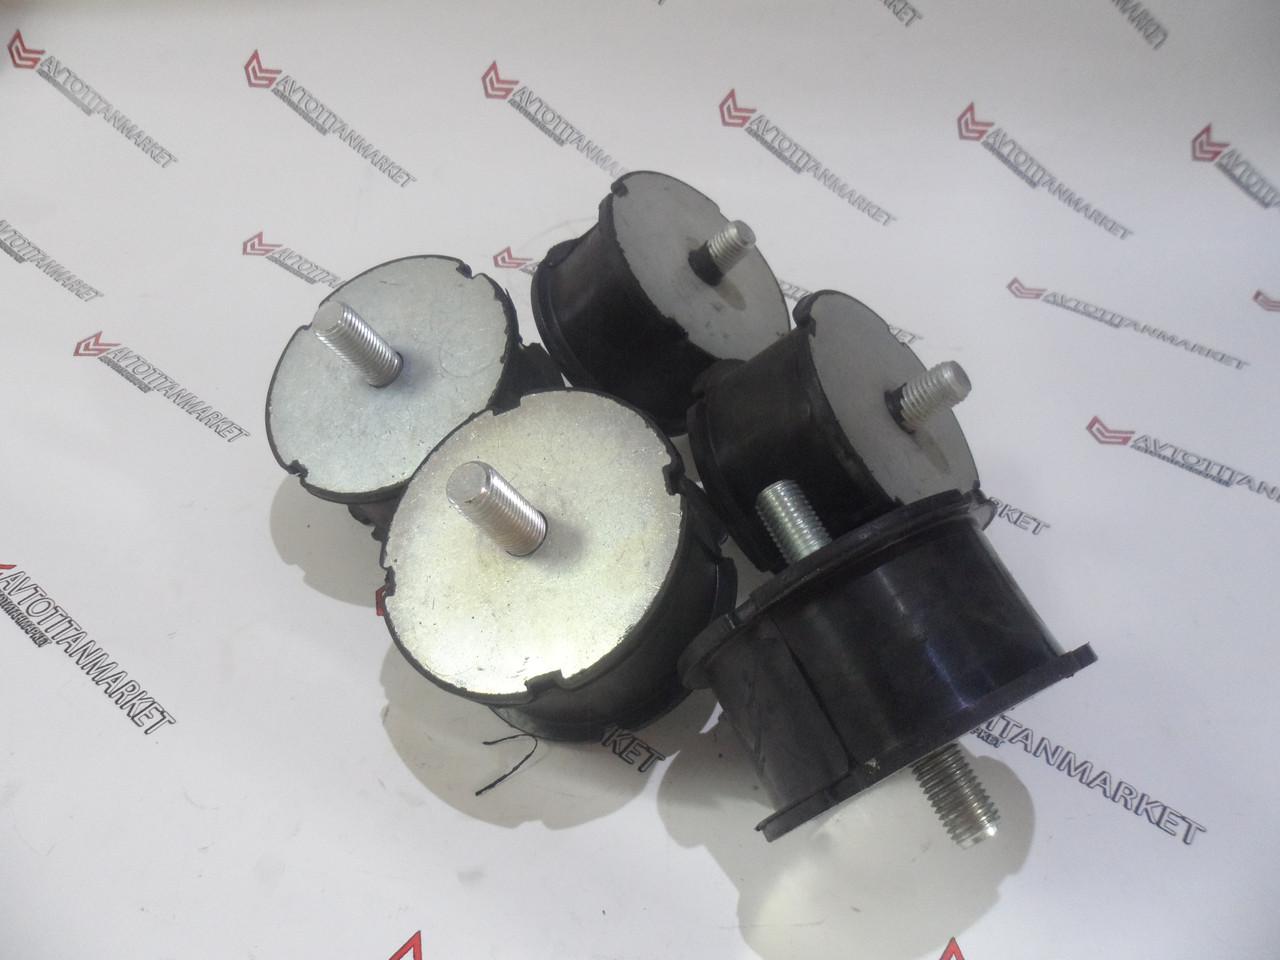 Виброопоры / подушки Bomag 06118715 для катков Bomag BW 100, BW 120, BW 123, BW 130